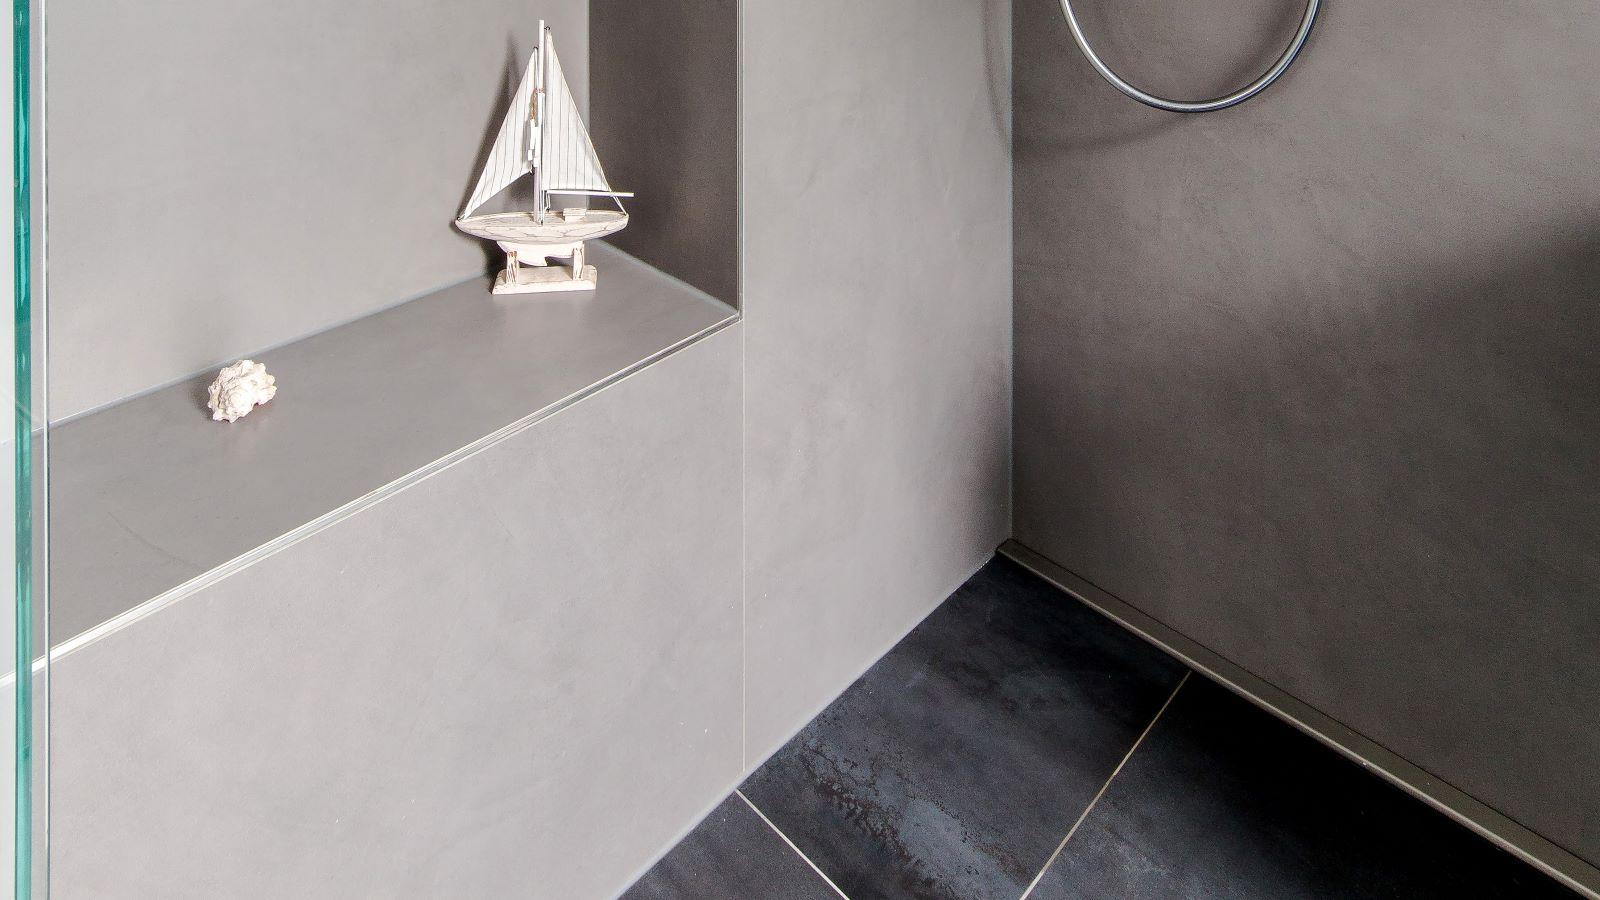 Abgebildet ist die schmale V4a-edelstahl-duschrinne-pro wandbuendig in einer barrierefreien dusche installiert. Als duschablauf sorgt sie fuer eine sehr gute linienentwaesserung der bodengleichen dusche